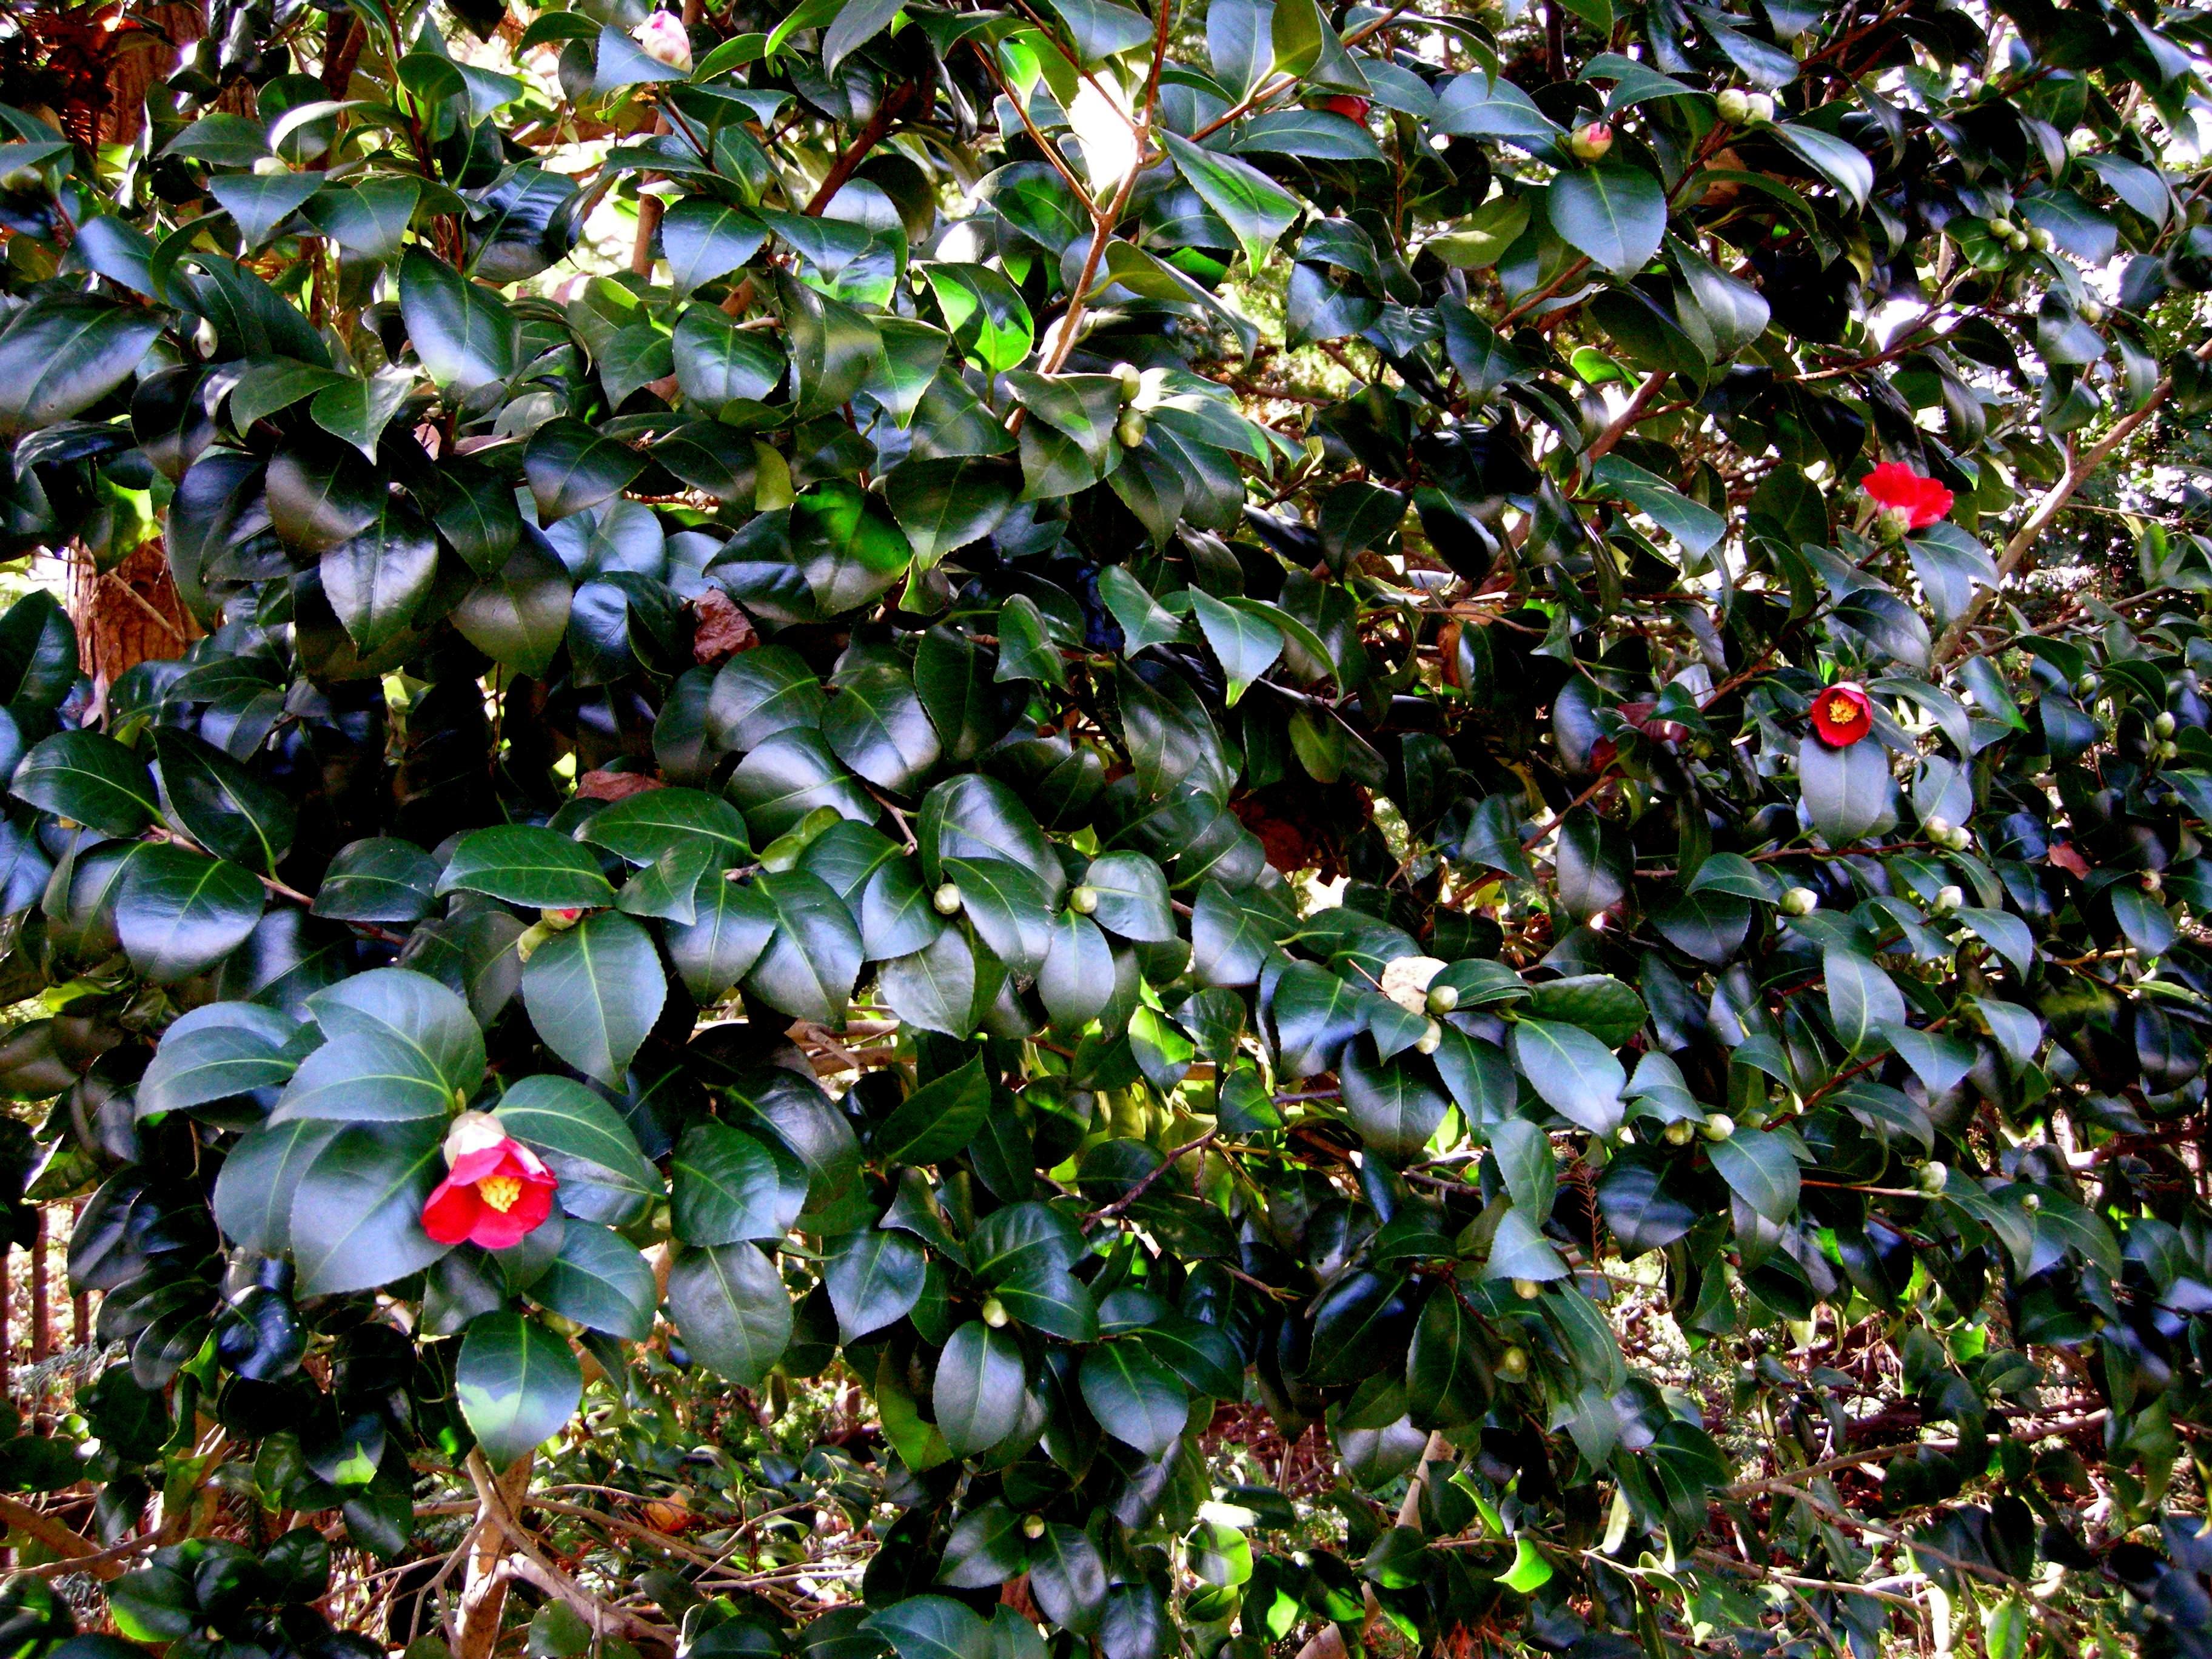 Camellia japonica carolyn 39 s shade gardens - Camelia fotos ...